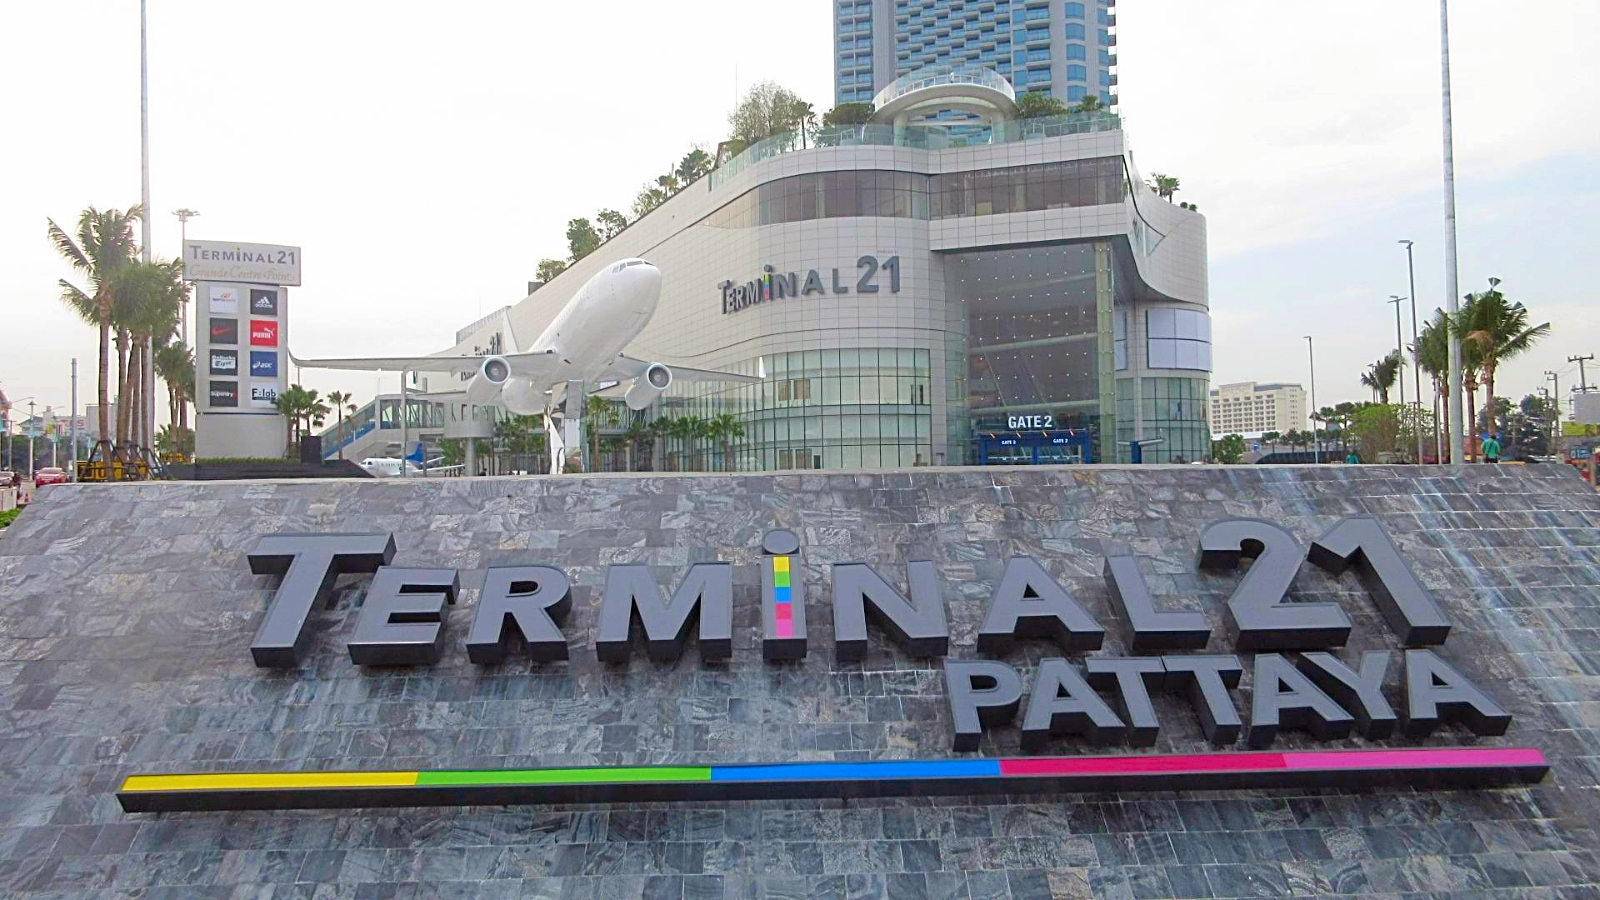 Building-Terminal-21-Pattaya